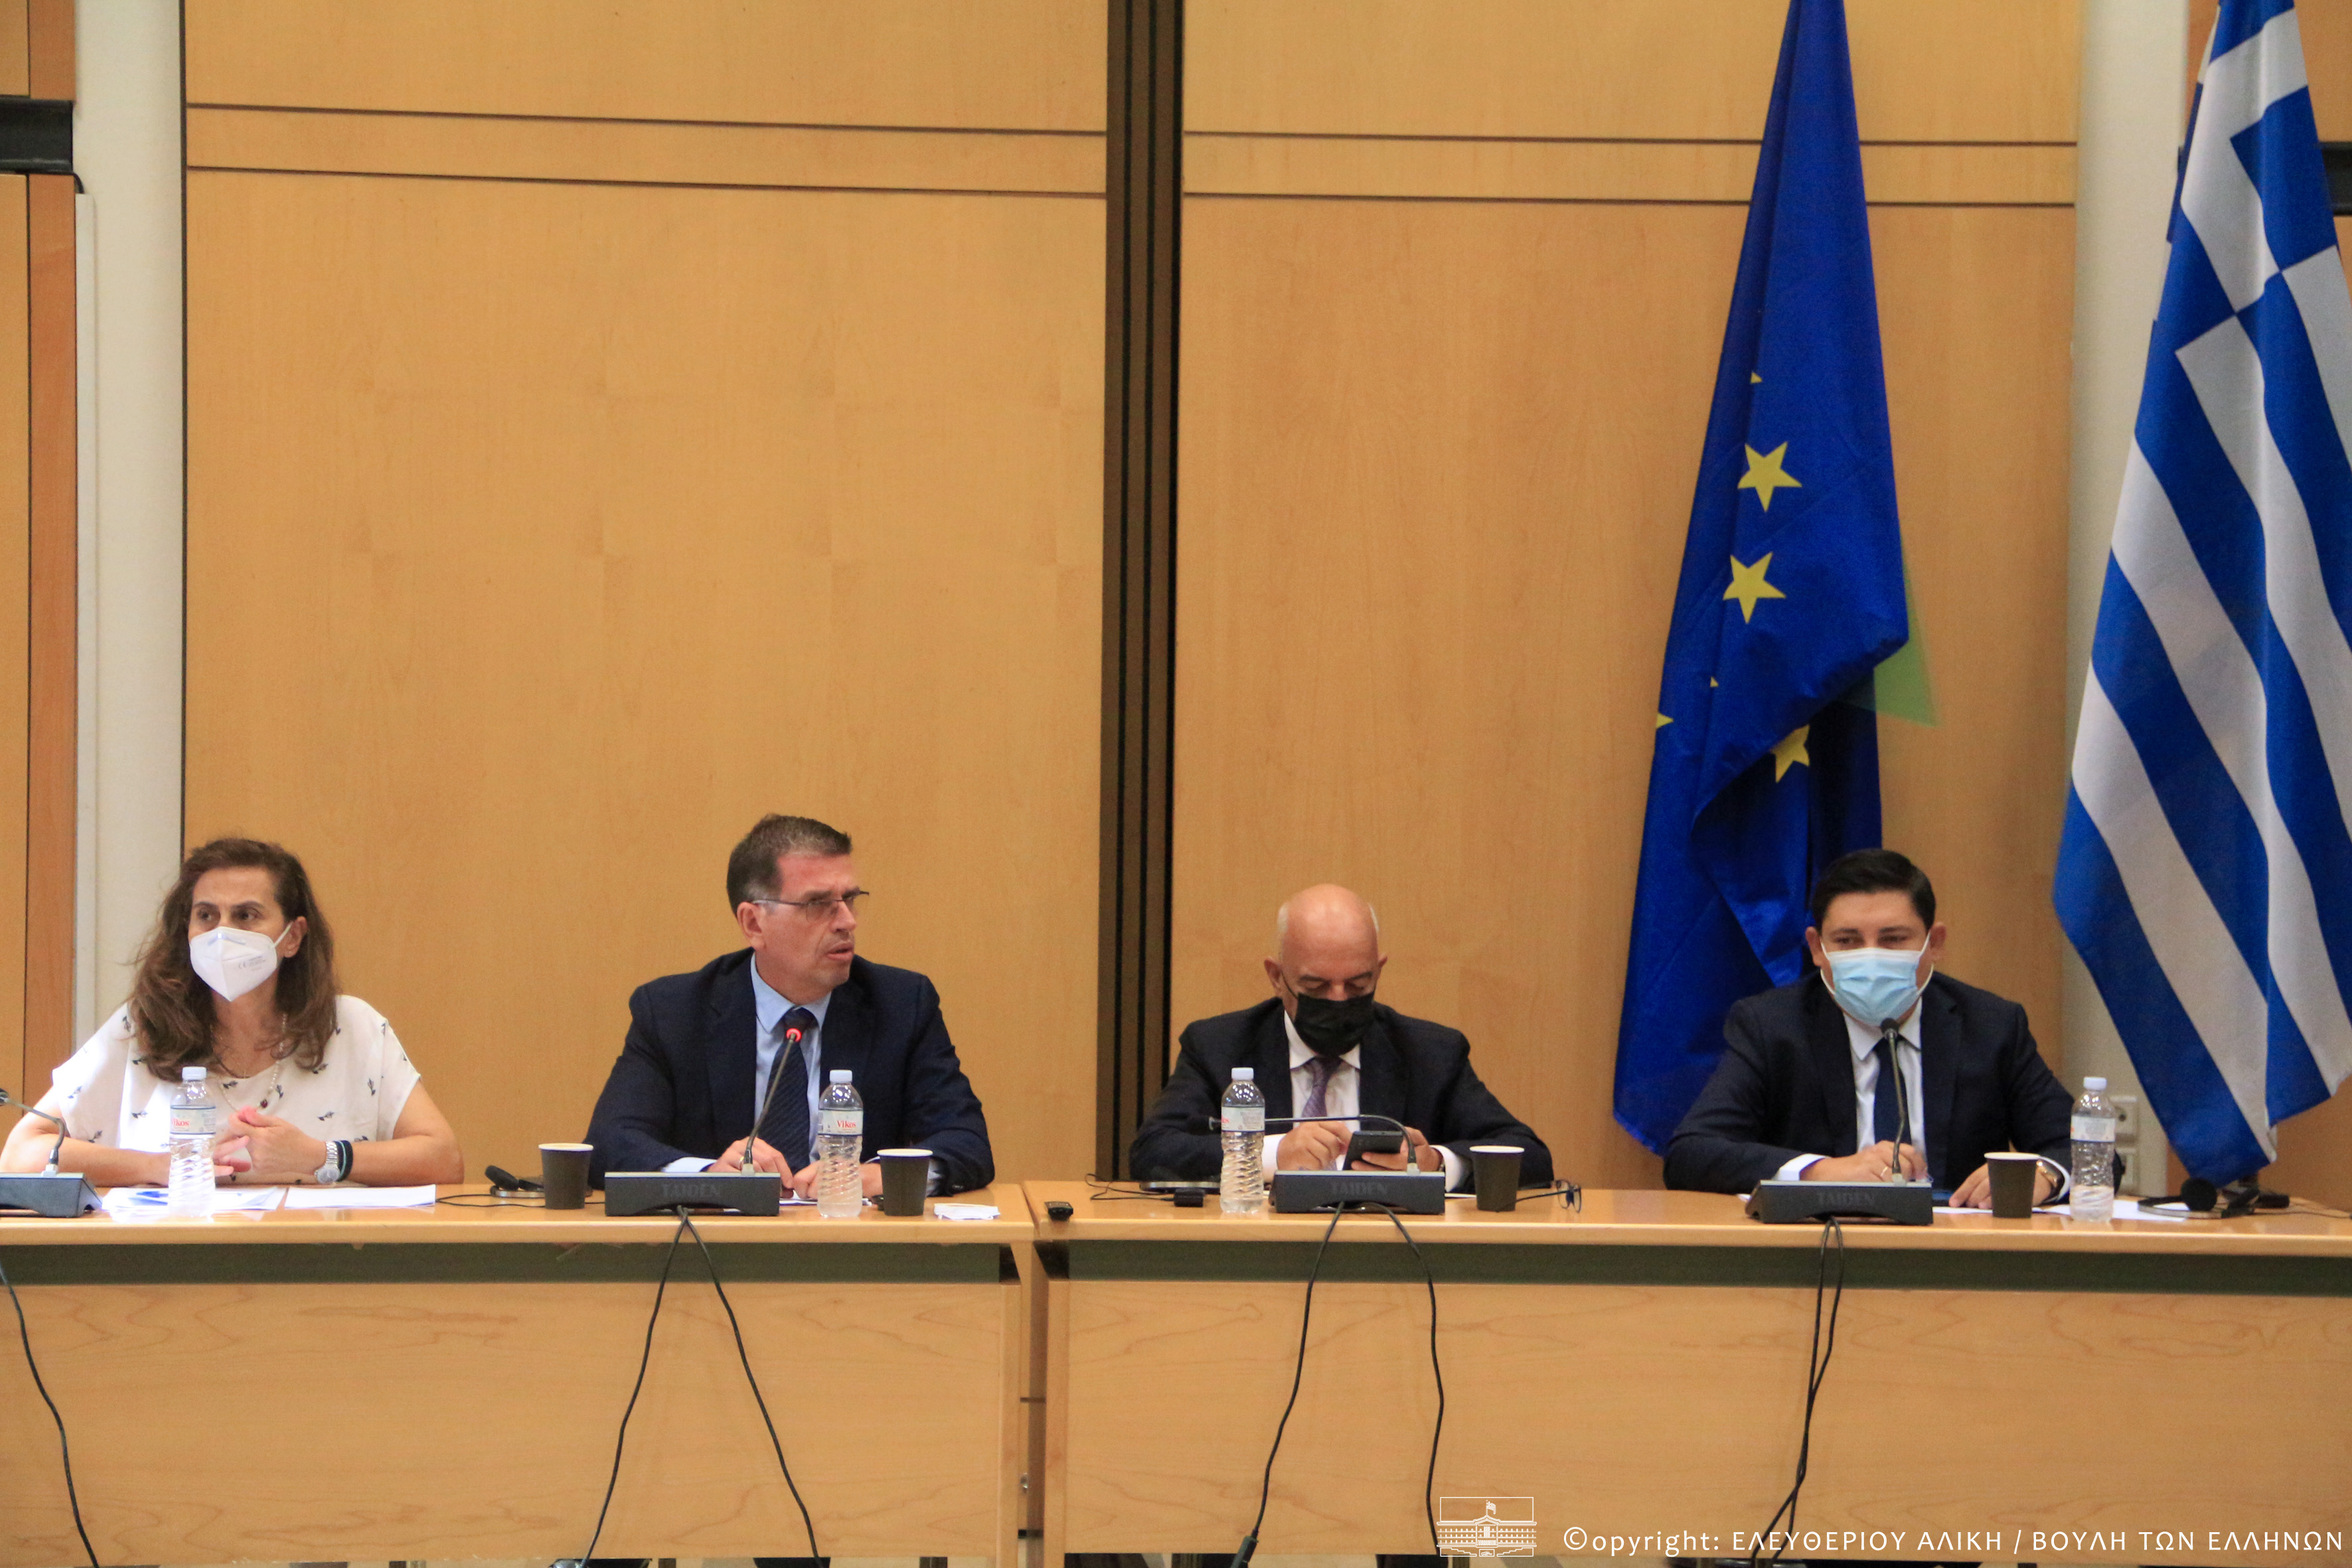 Επίσημη επίσκεψη της Ομάδας Γαλλοελληνικής Φιλίας της Γαλλικής Εθνοσυνέλευσης